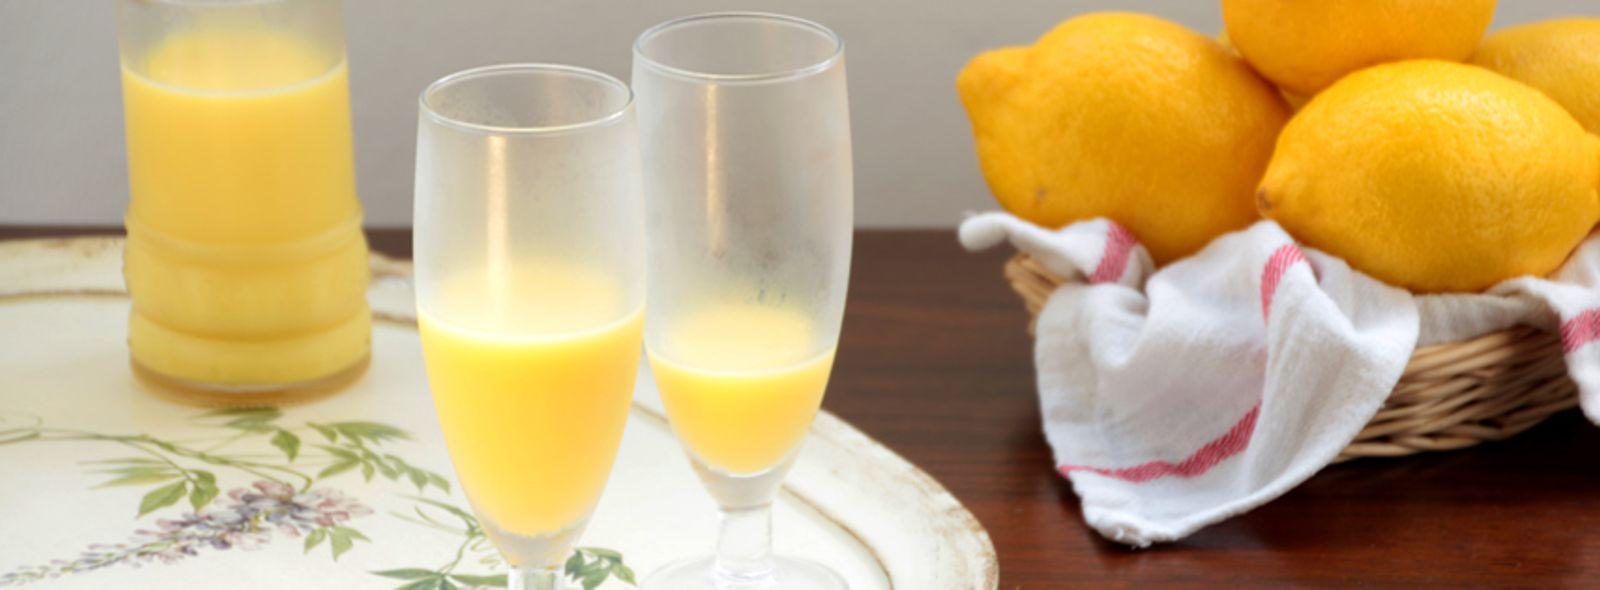 Come si prepara la crema di limoncello